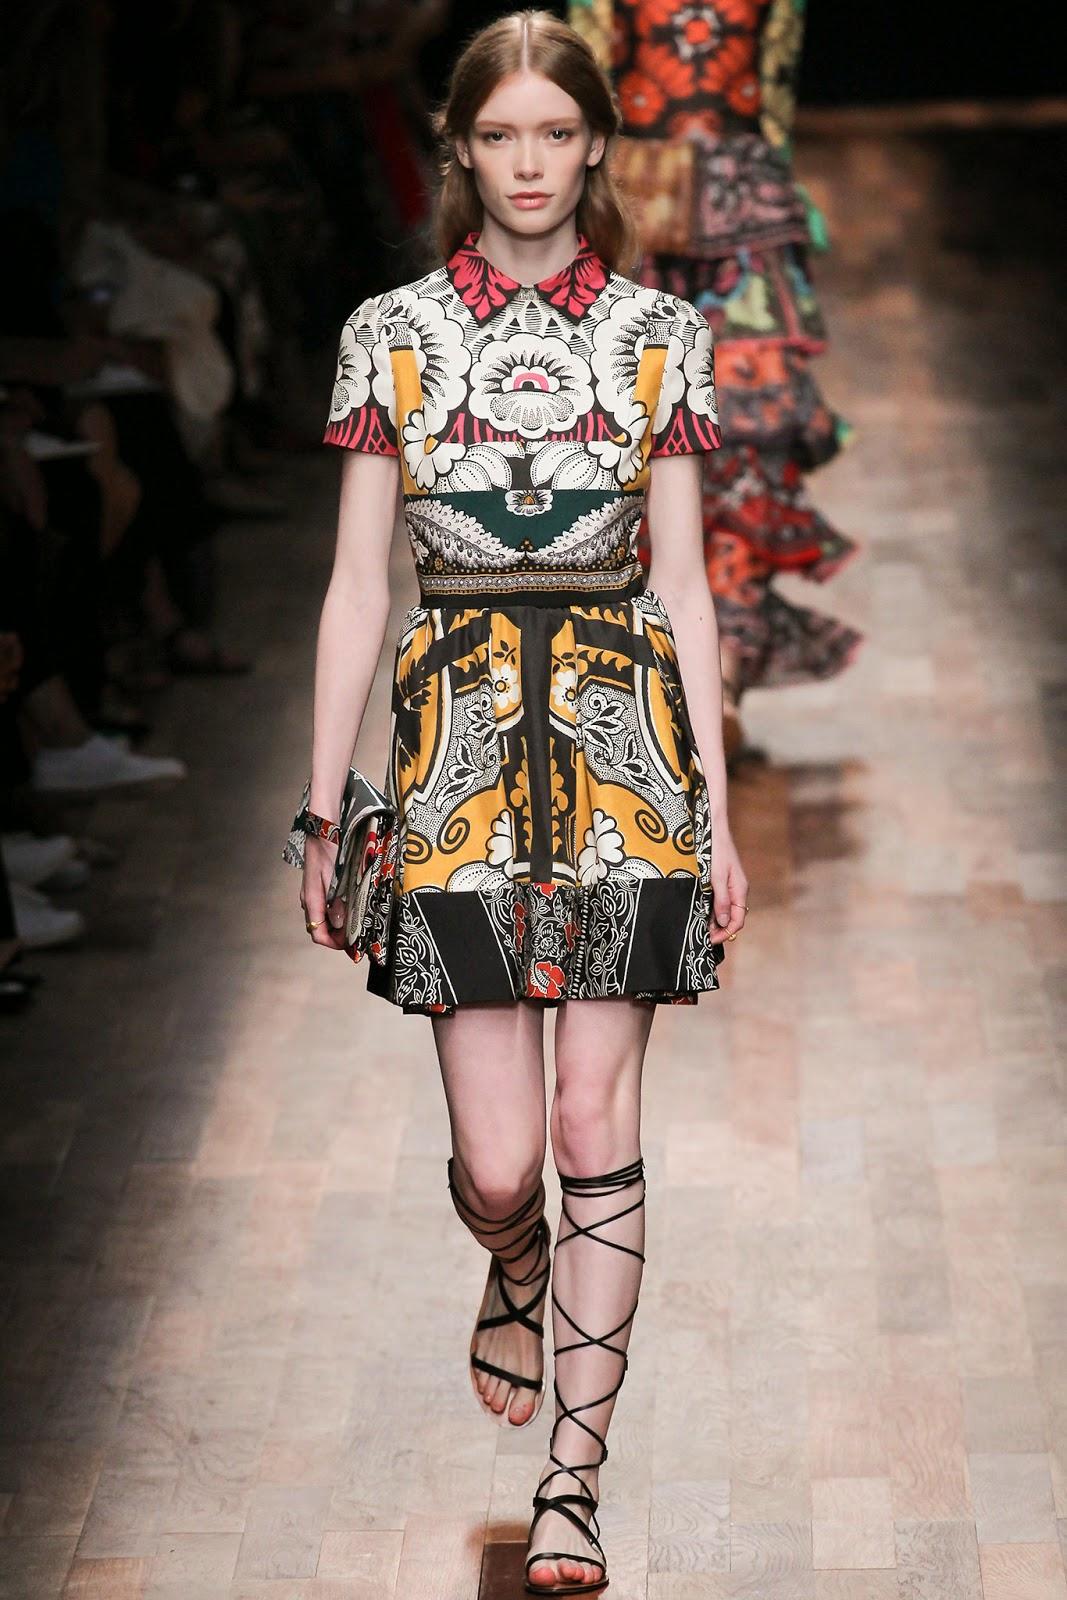 valentino 2015 summer 2016 trend women dress12 Valentino 2015 samling, våren sommaren 2016 Valentino klänning modeller, Valentino kväll klänning nya säsongen kvinnors kjolar modeller